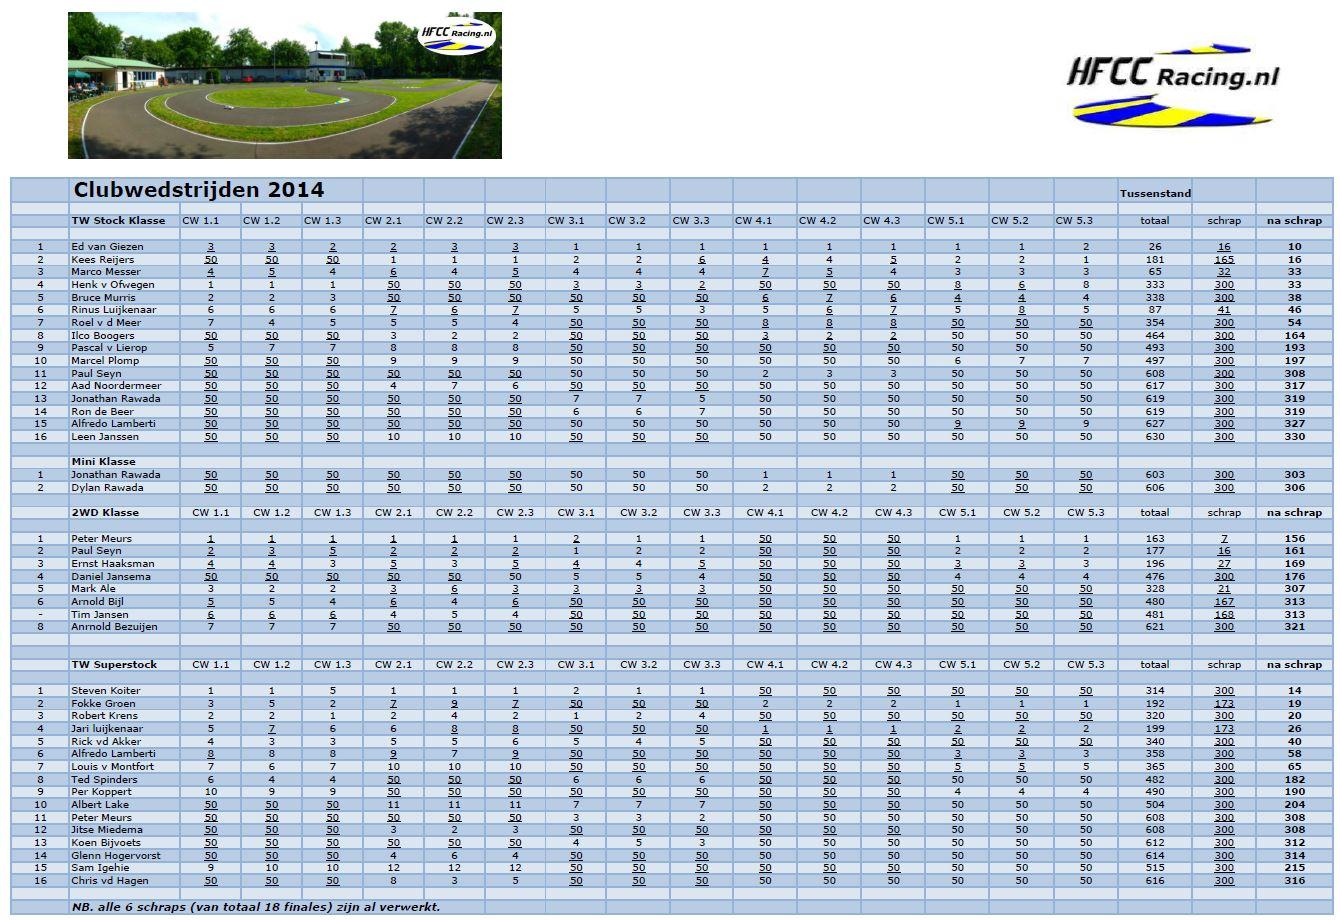 HFCC tussenstand Clubwedstrijden 2014 na 5 Races.